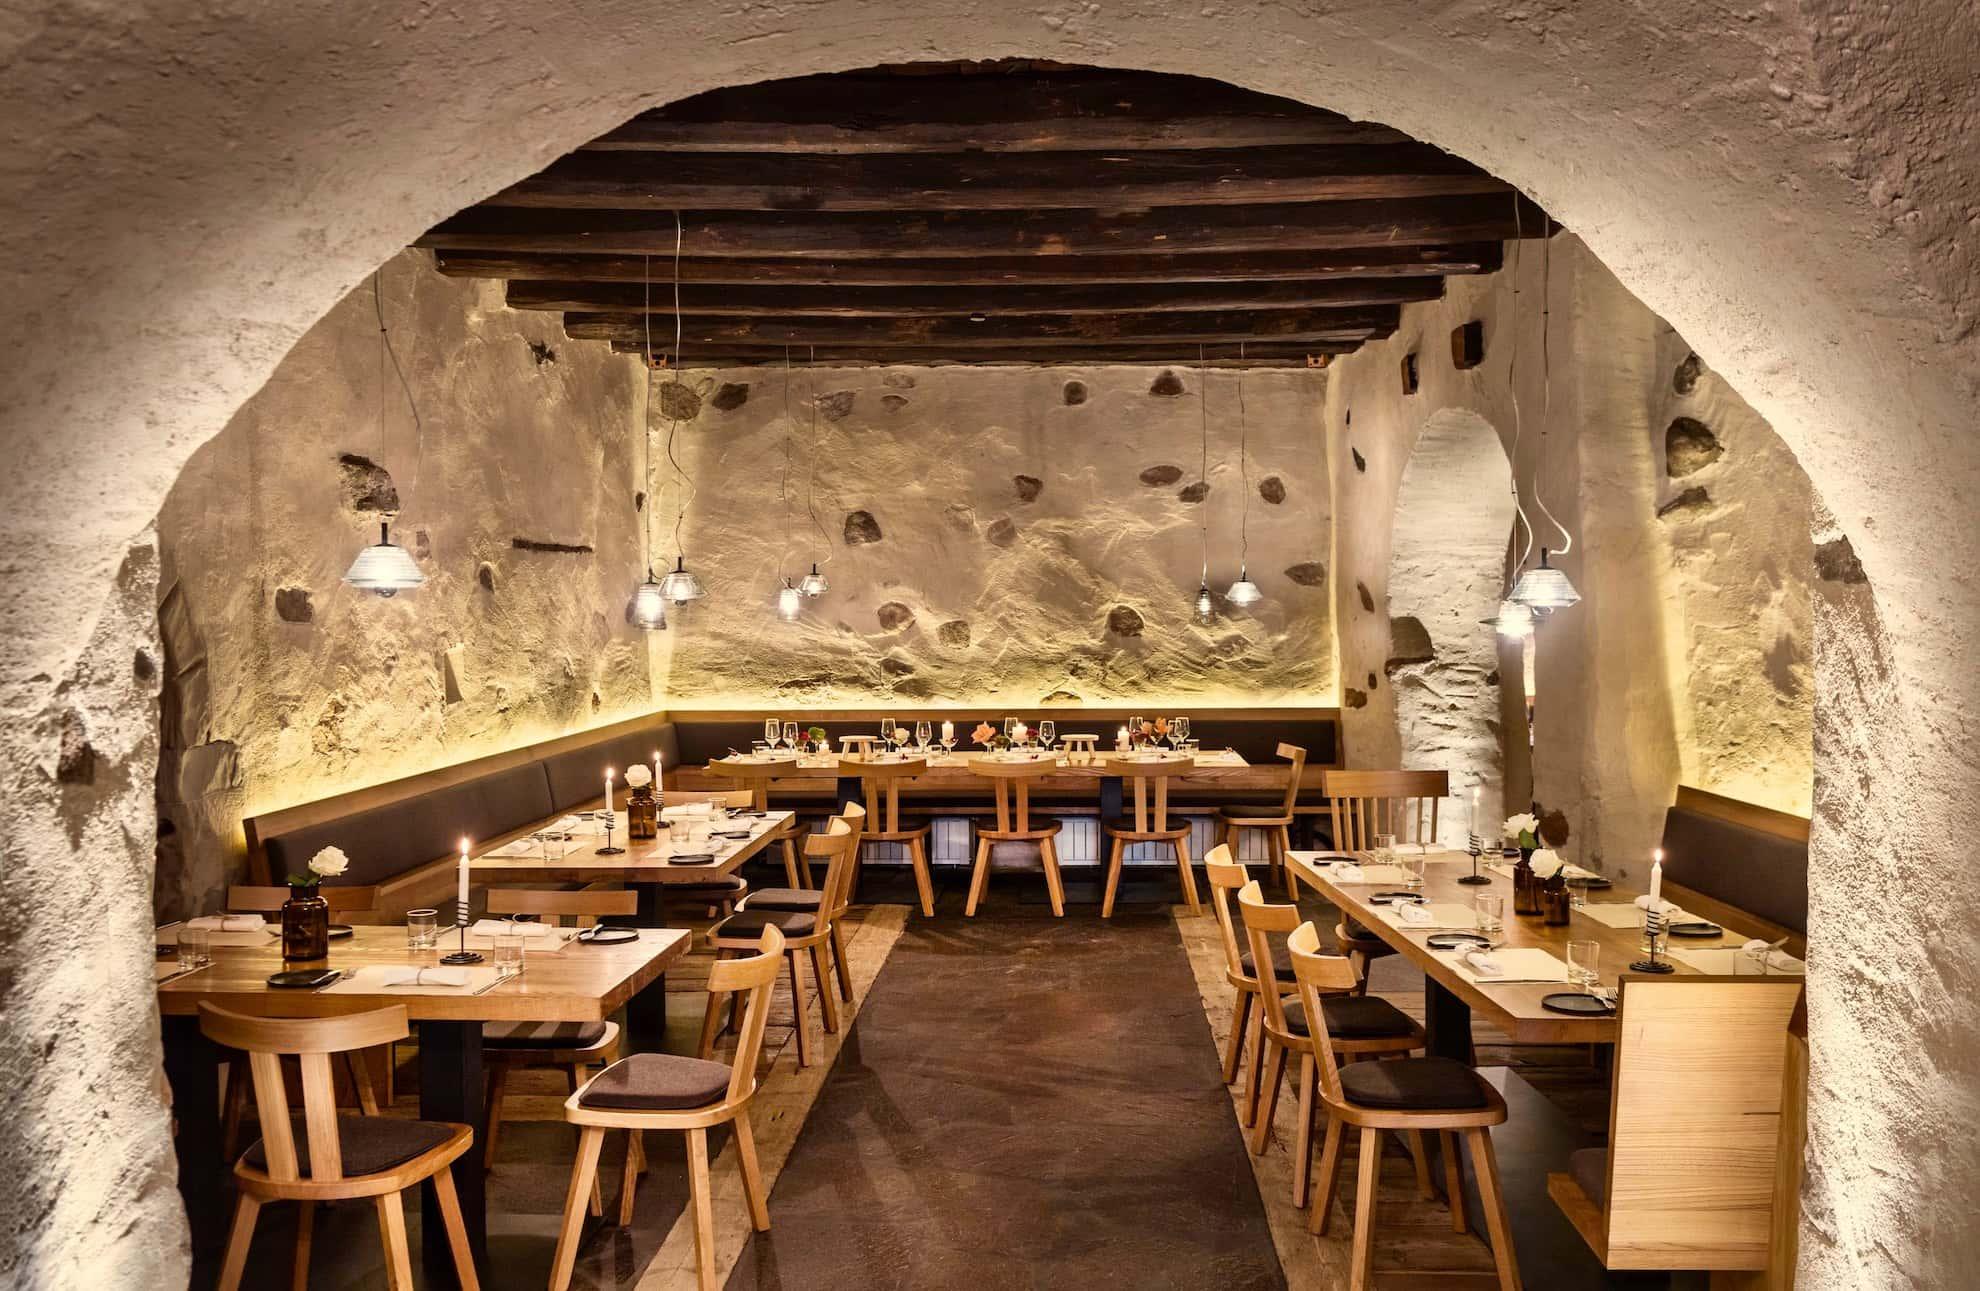 Seehof Keller | Restaurant Innen Atmosphäre - Inside Atmosphere